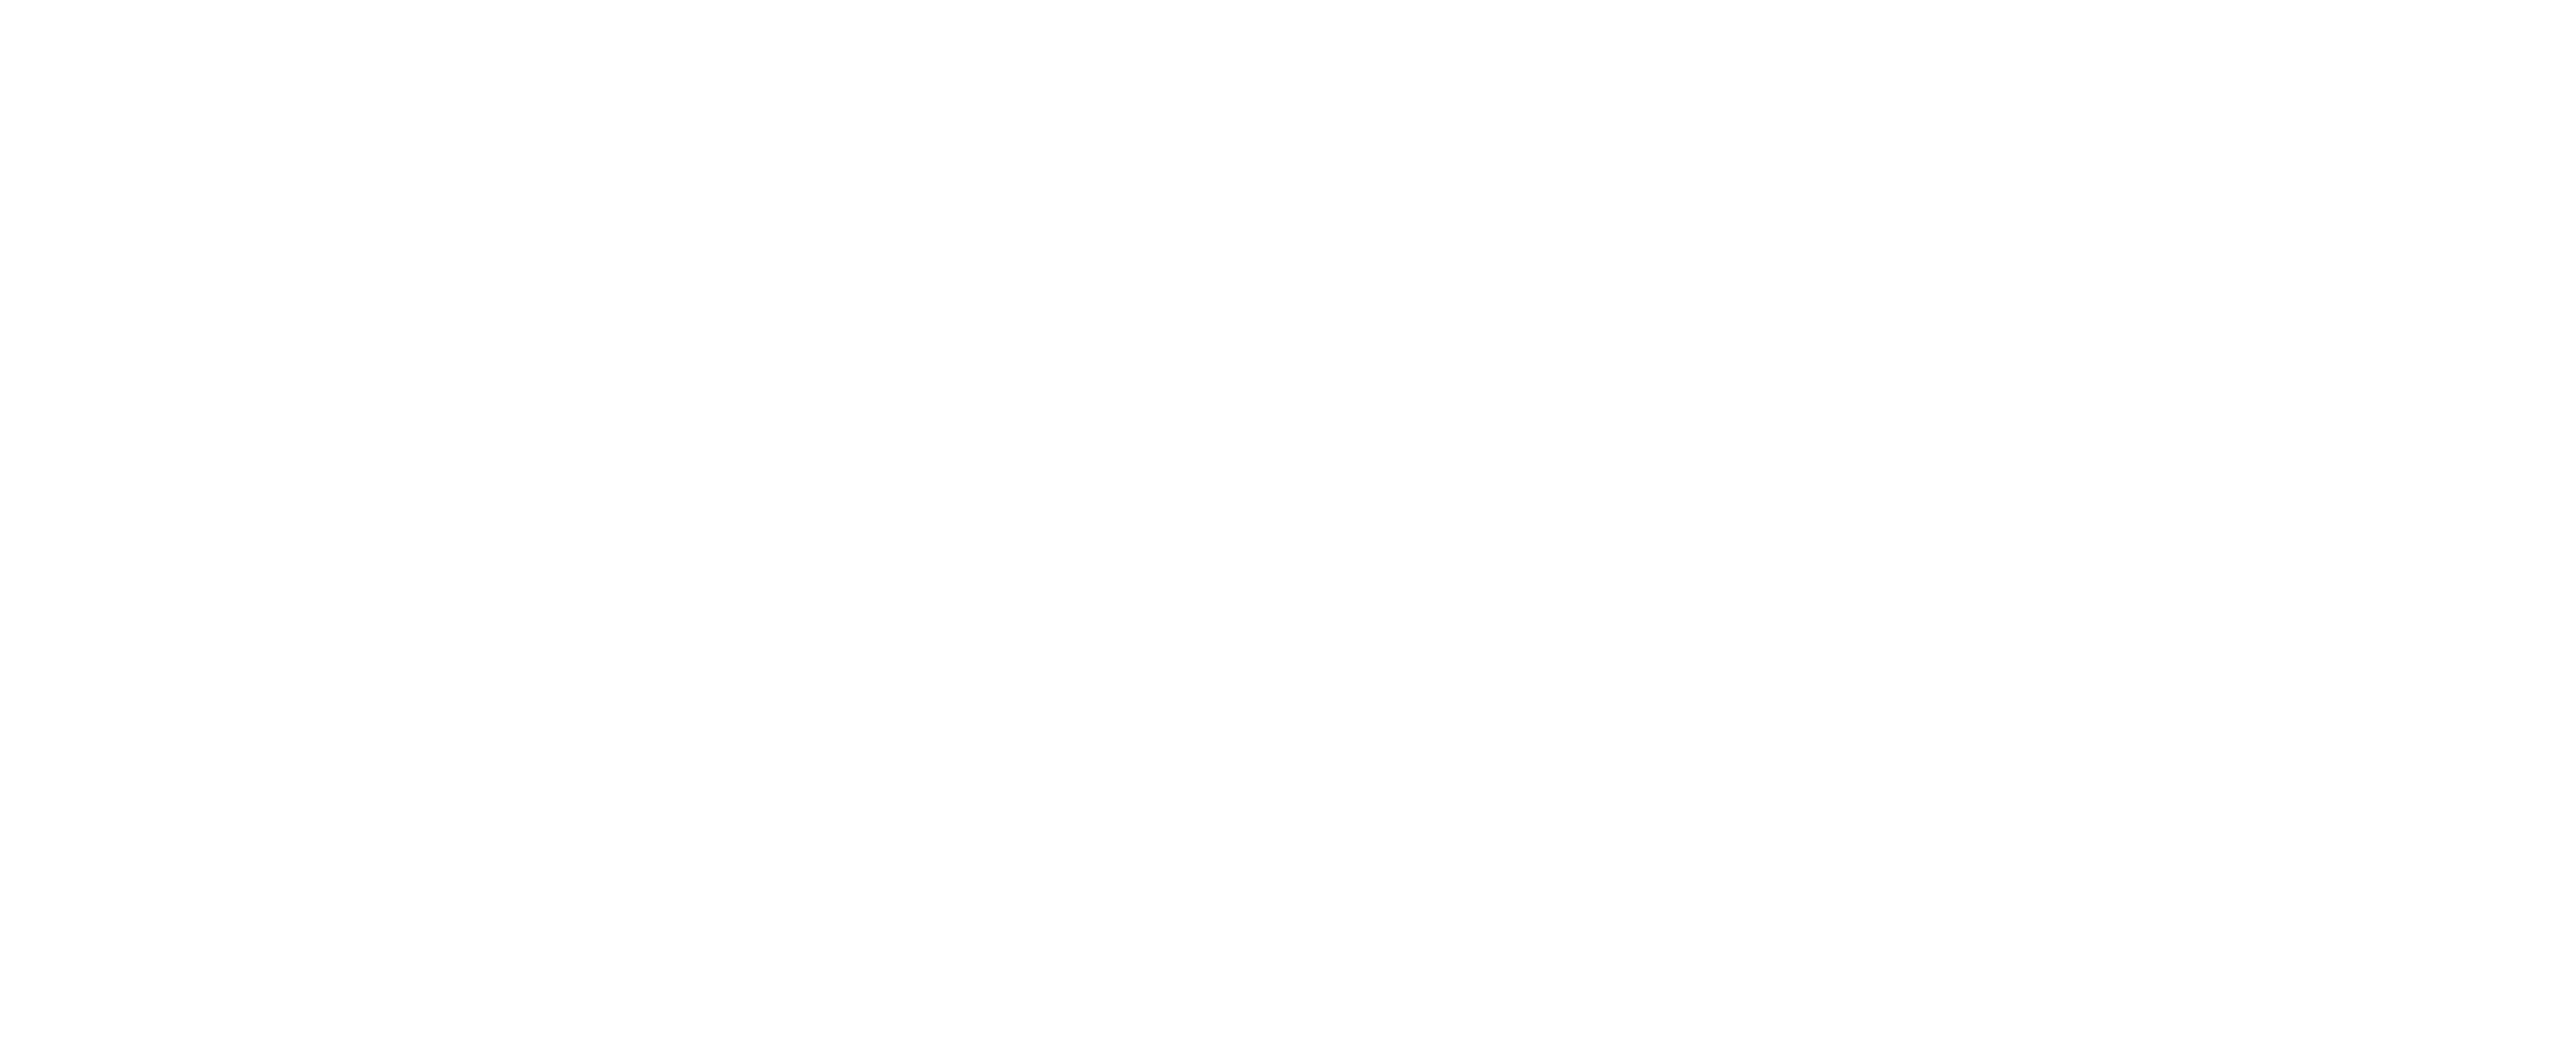 URLLE logo